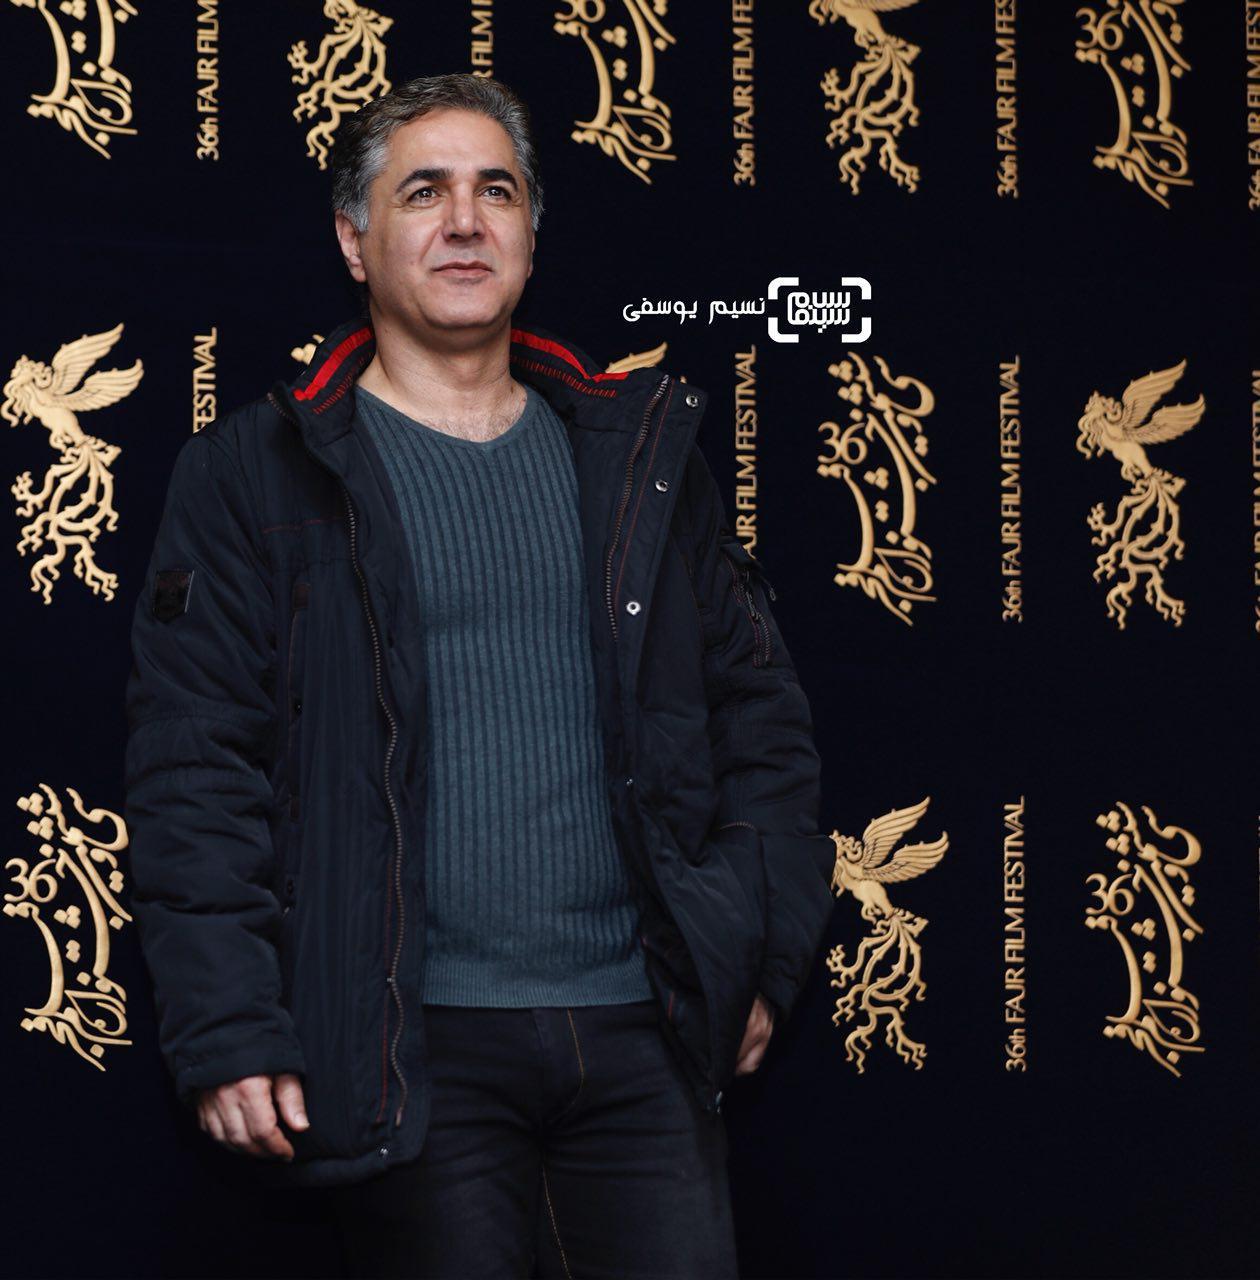 مهدی صبایی در اکران فیلم «ماهورا» در سی و ششمین جشنواره فیلم فجر